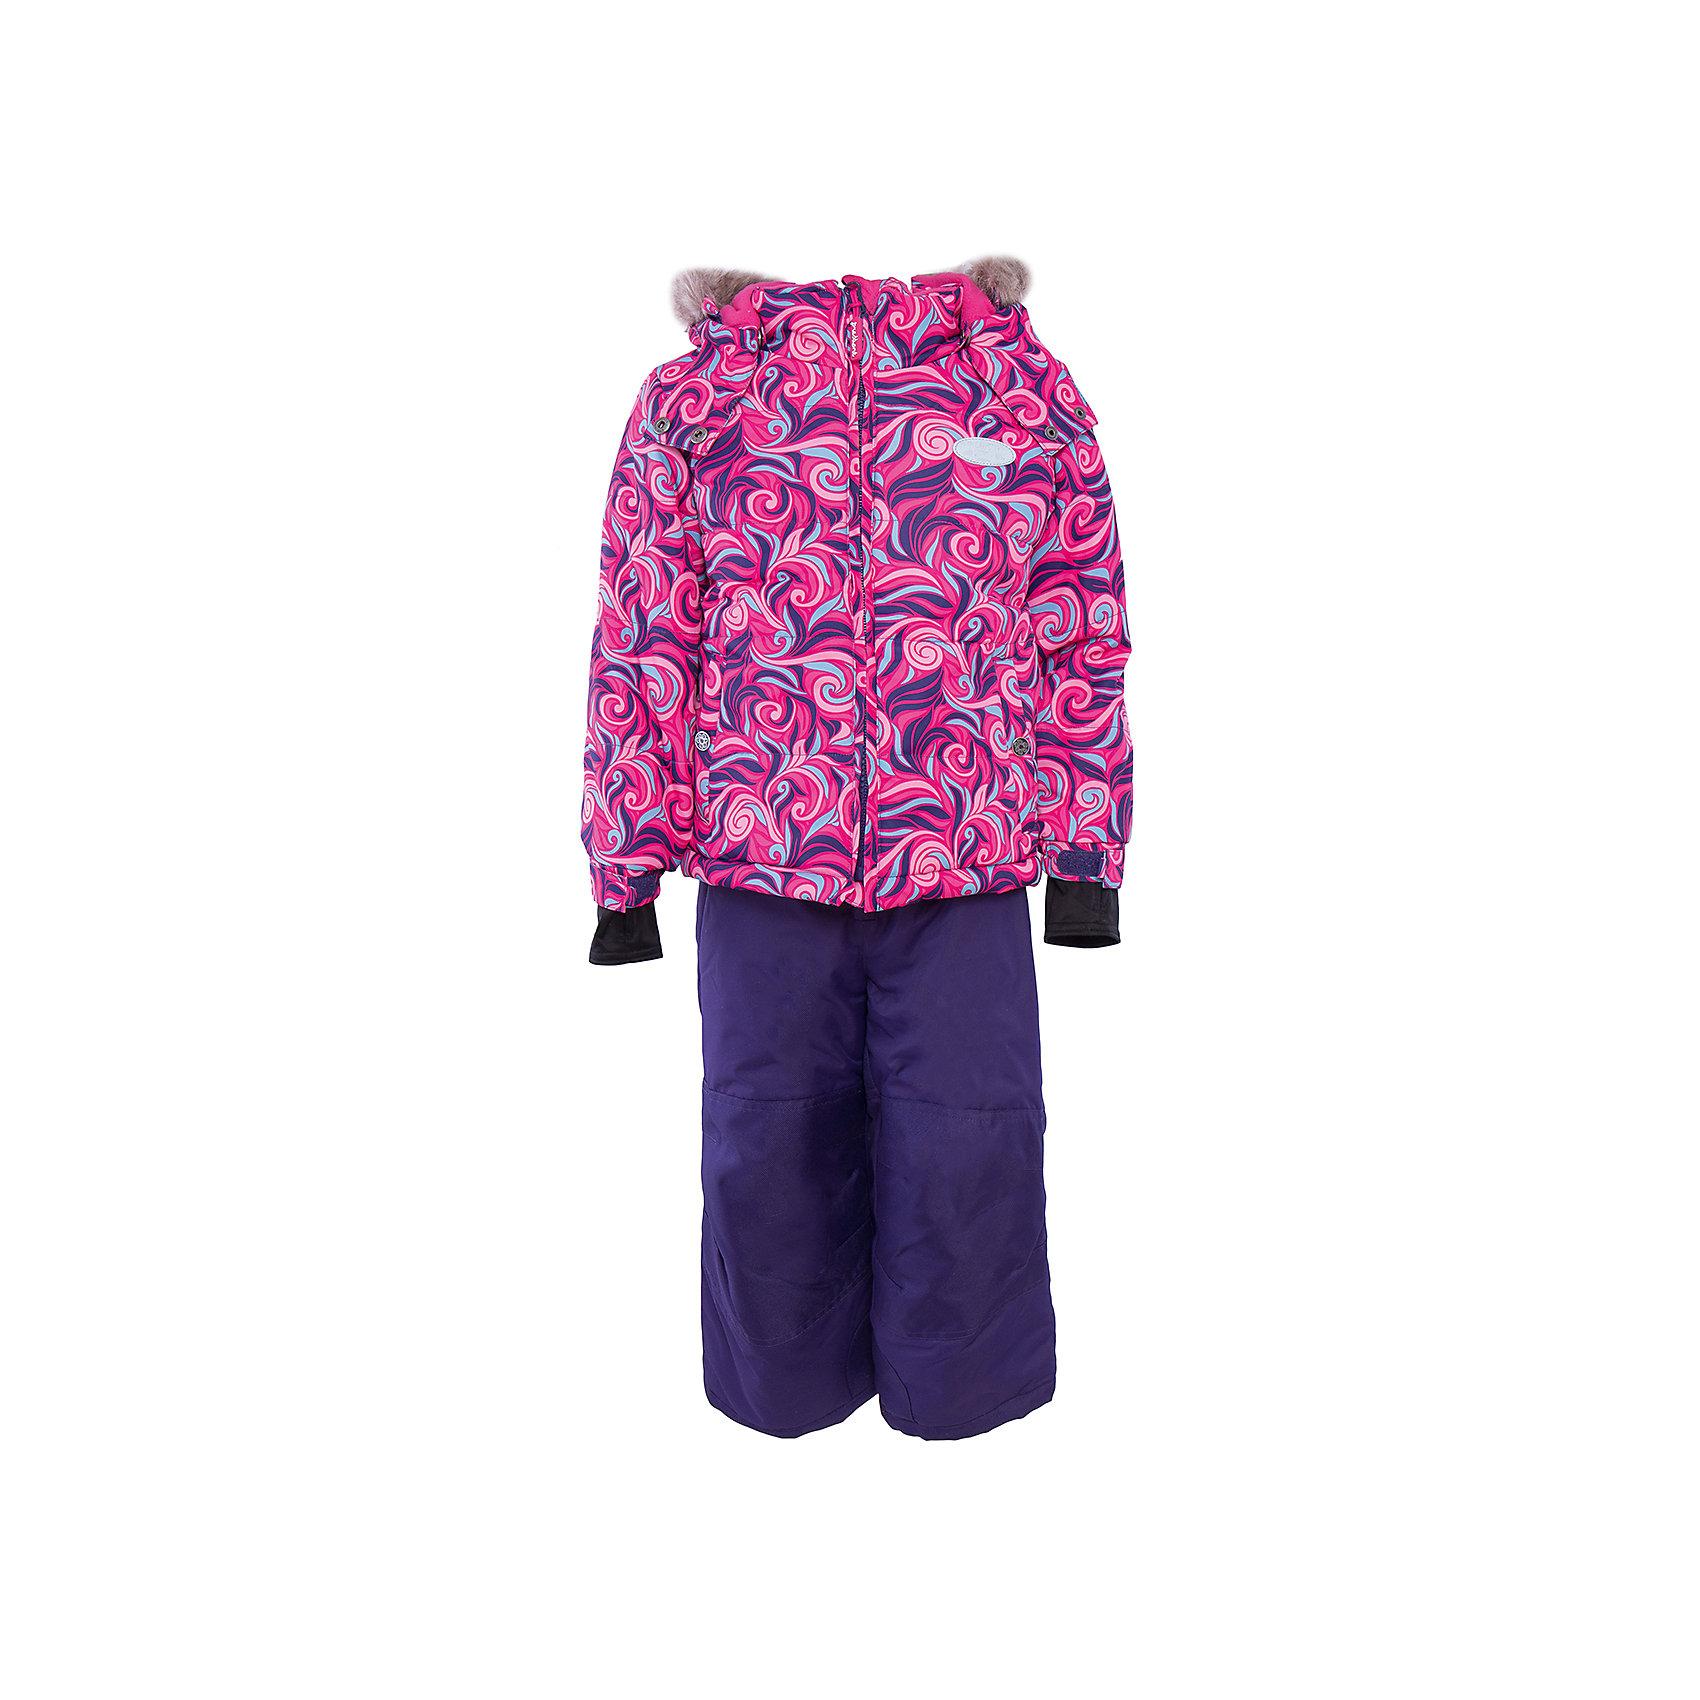 Комплект: куртка и брюки для девочки PremontВерхняя одежда<br>Комплект: куртка и брюки для девочки от известного бренда Premont .<br>Ниагарский водопад по праву считается самым знаменитым и завораживающим водопадом в мире. Принт комбинезона «Загадка Ниагары» состоит из волнистых, переплетающихся между собой линий, словно струящиеся воды Ниагары слились воедино.<br>Состав:<br>Ткань верха: мембрана 5000мм/5000г/м2/24h, Taslan <br>Подклад: Polarfleece (тело, капюшон, манжеты), Taffeta (брюки, рукава, снежная юбка) Утеплитель: Tech-polyfill (куртка 280г, брюки 180г)<br><br>Ширина мм: 356<br>Глубина мм: 10<br>Высота мм: 245<br>Вес г: 519<br>Цвет: розовый<br>Возраст от месяцев: 18<br>Возраст до месяцев: 24<br>Пол: Женский<br>Возраст: Детский<br>Размер: 92,164,98,100,104,110,116,120,122,128,140,152<br>SKU: 4996683